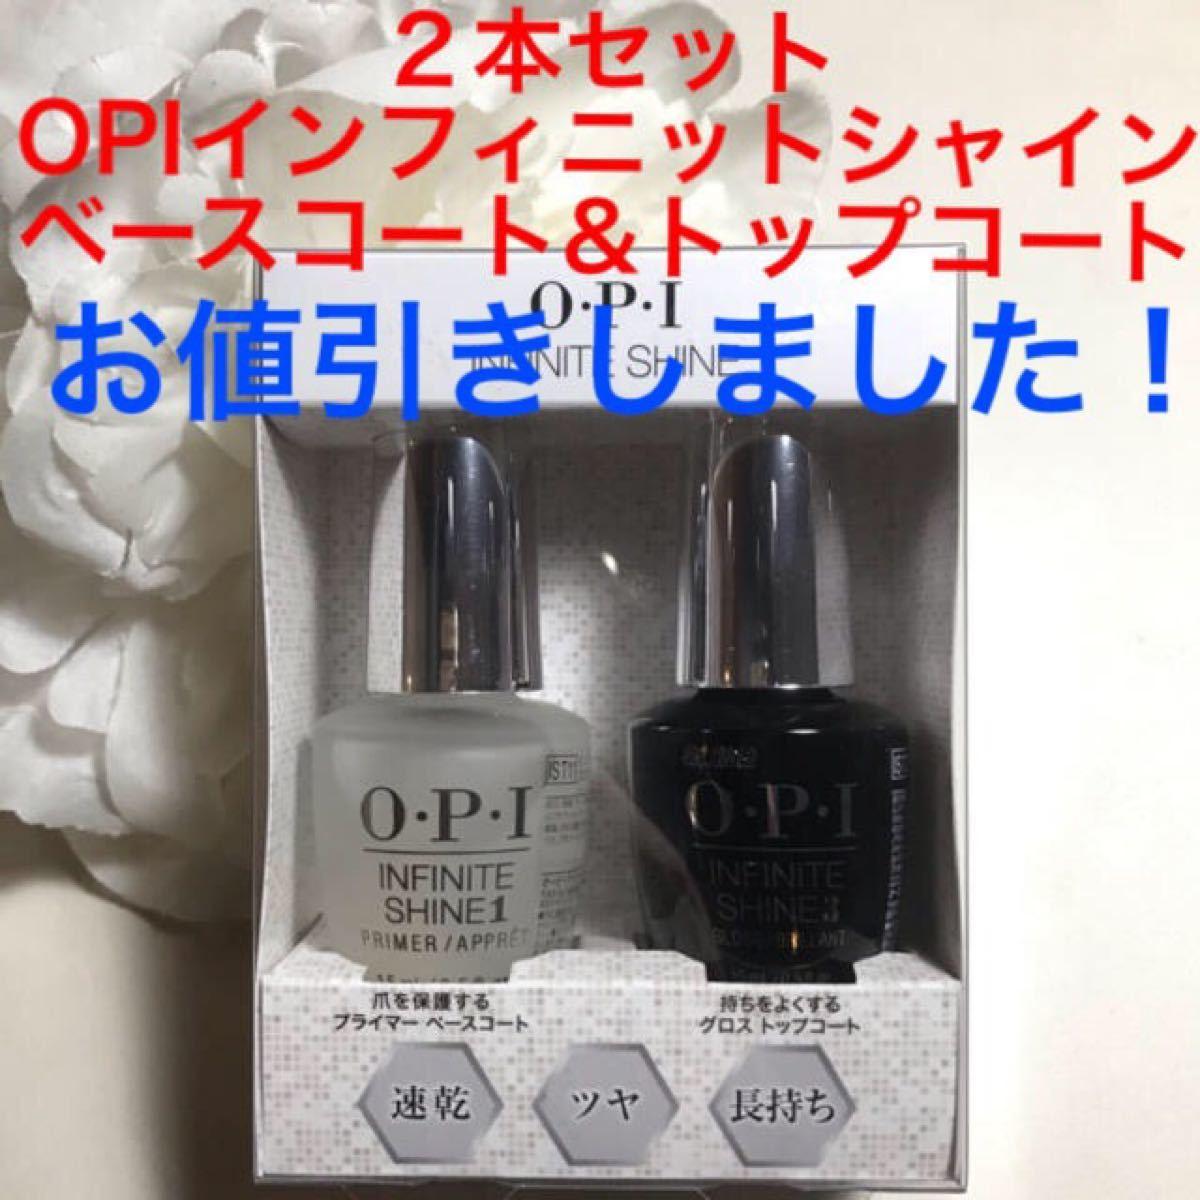 2本セット・OPIインフィニットシャイン・ベースコート&トップコート・新品未使用未開封